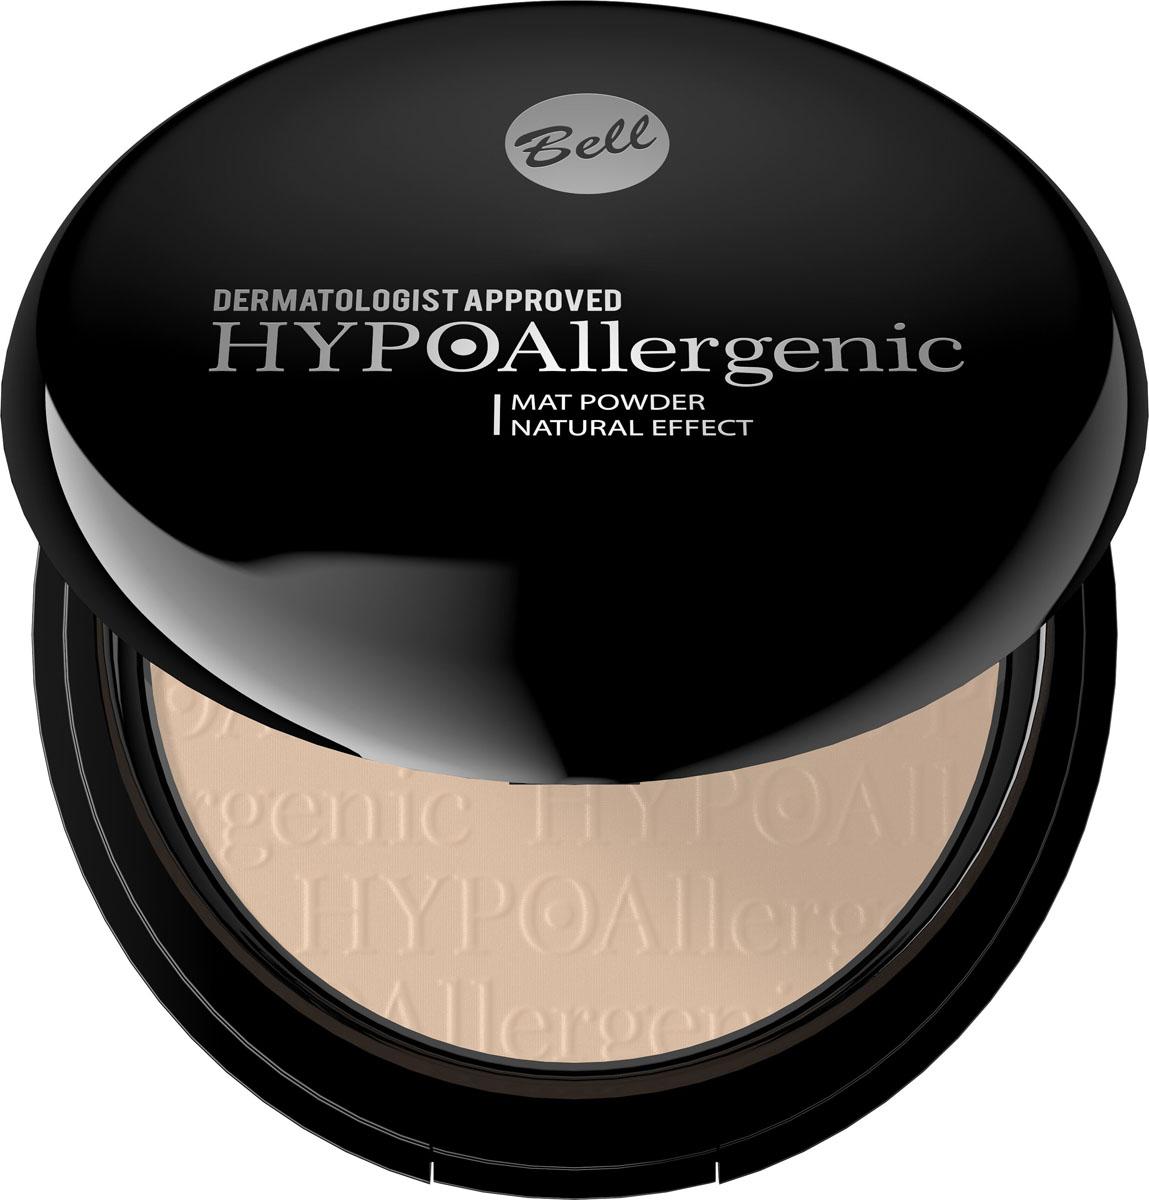 Bell Hypoallergenic Пудра матирующая гипоаллергенная Mat Powder, Тон №01d215225117Пудра превосходно укрепляет макияж и придает коже идеальный вид. Впитывает избыток себума, обеспечивая длительный матирующий эффект. Бархатная текстура оставляет эффект нежной и мягкой кожи.